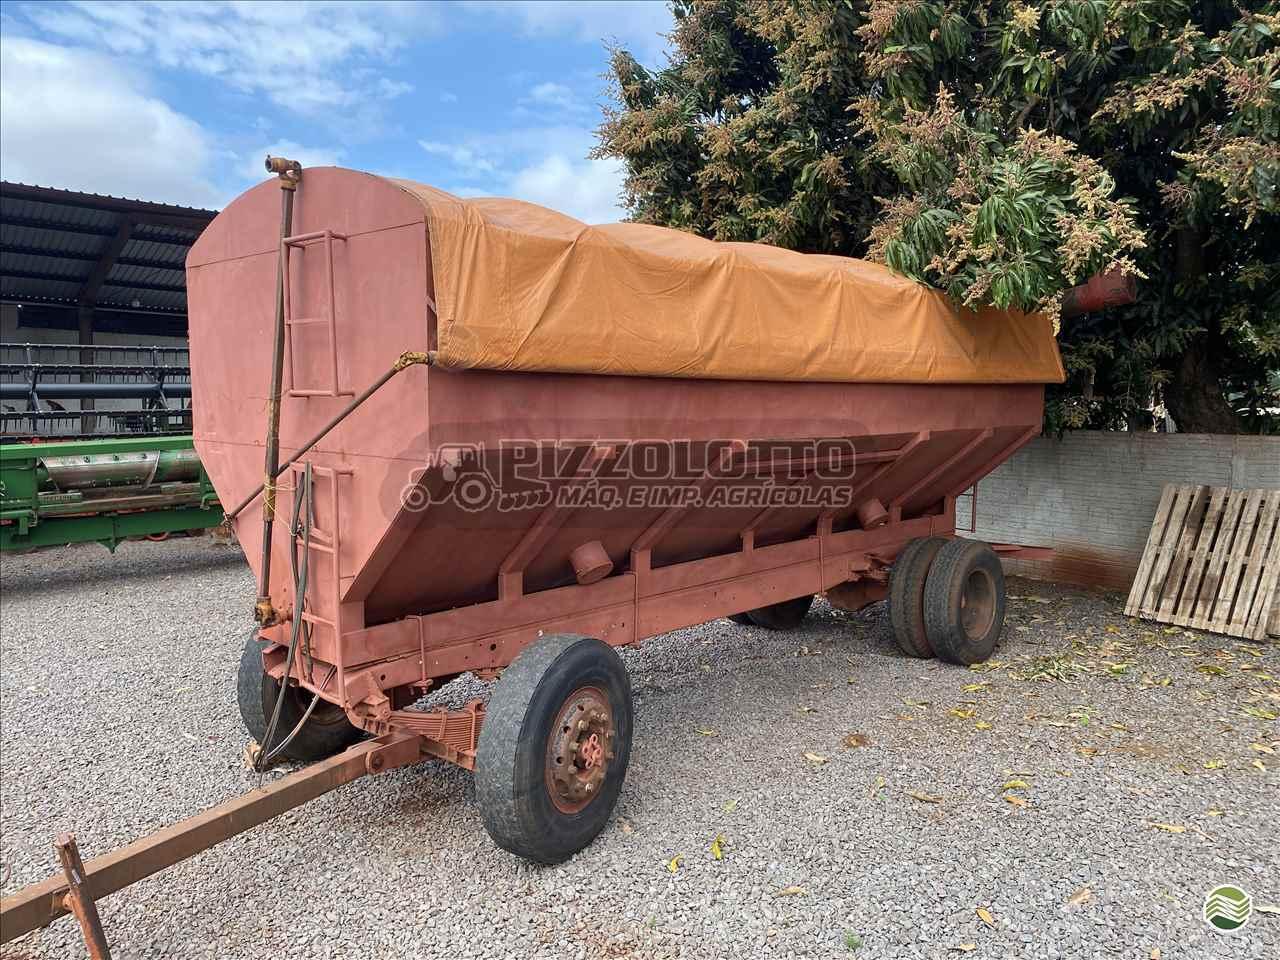 IMPLEMENTOS AGRICOLAS CARRETA BAZUKA GRANELEIRA 20000 Pizzolotto Máquinas e Implementos Agricolas PALOTINA PARANÁ PR